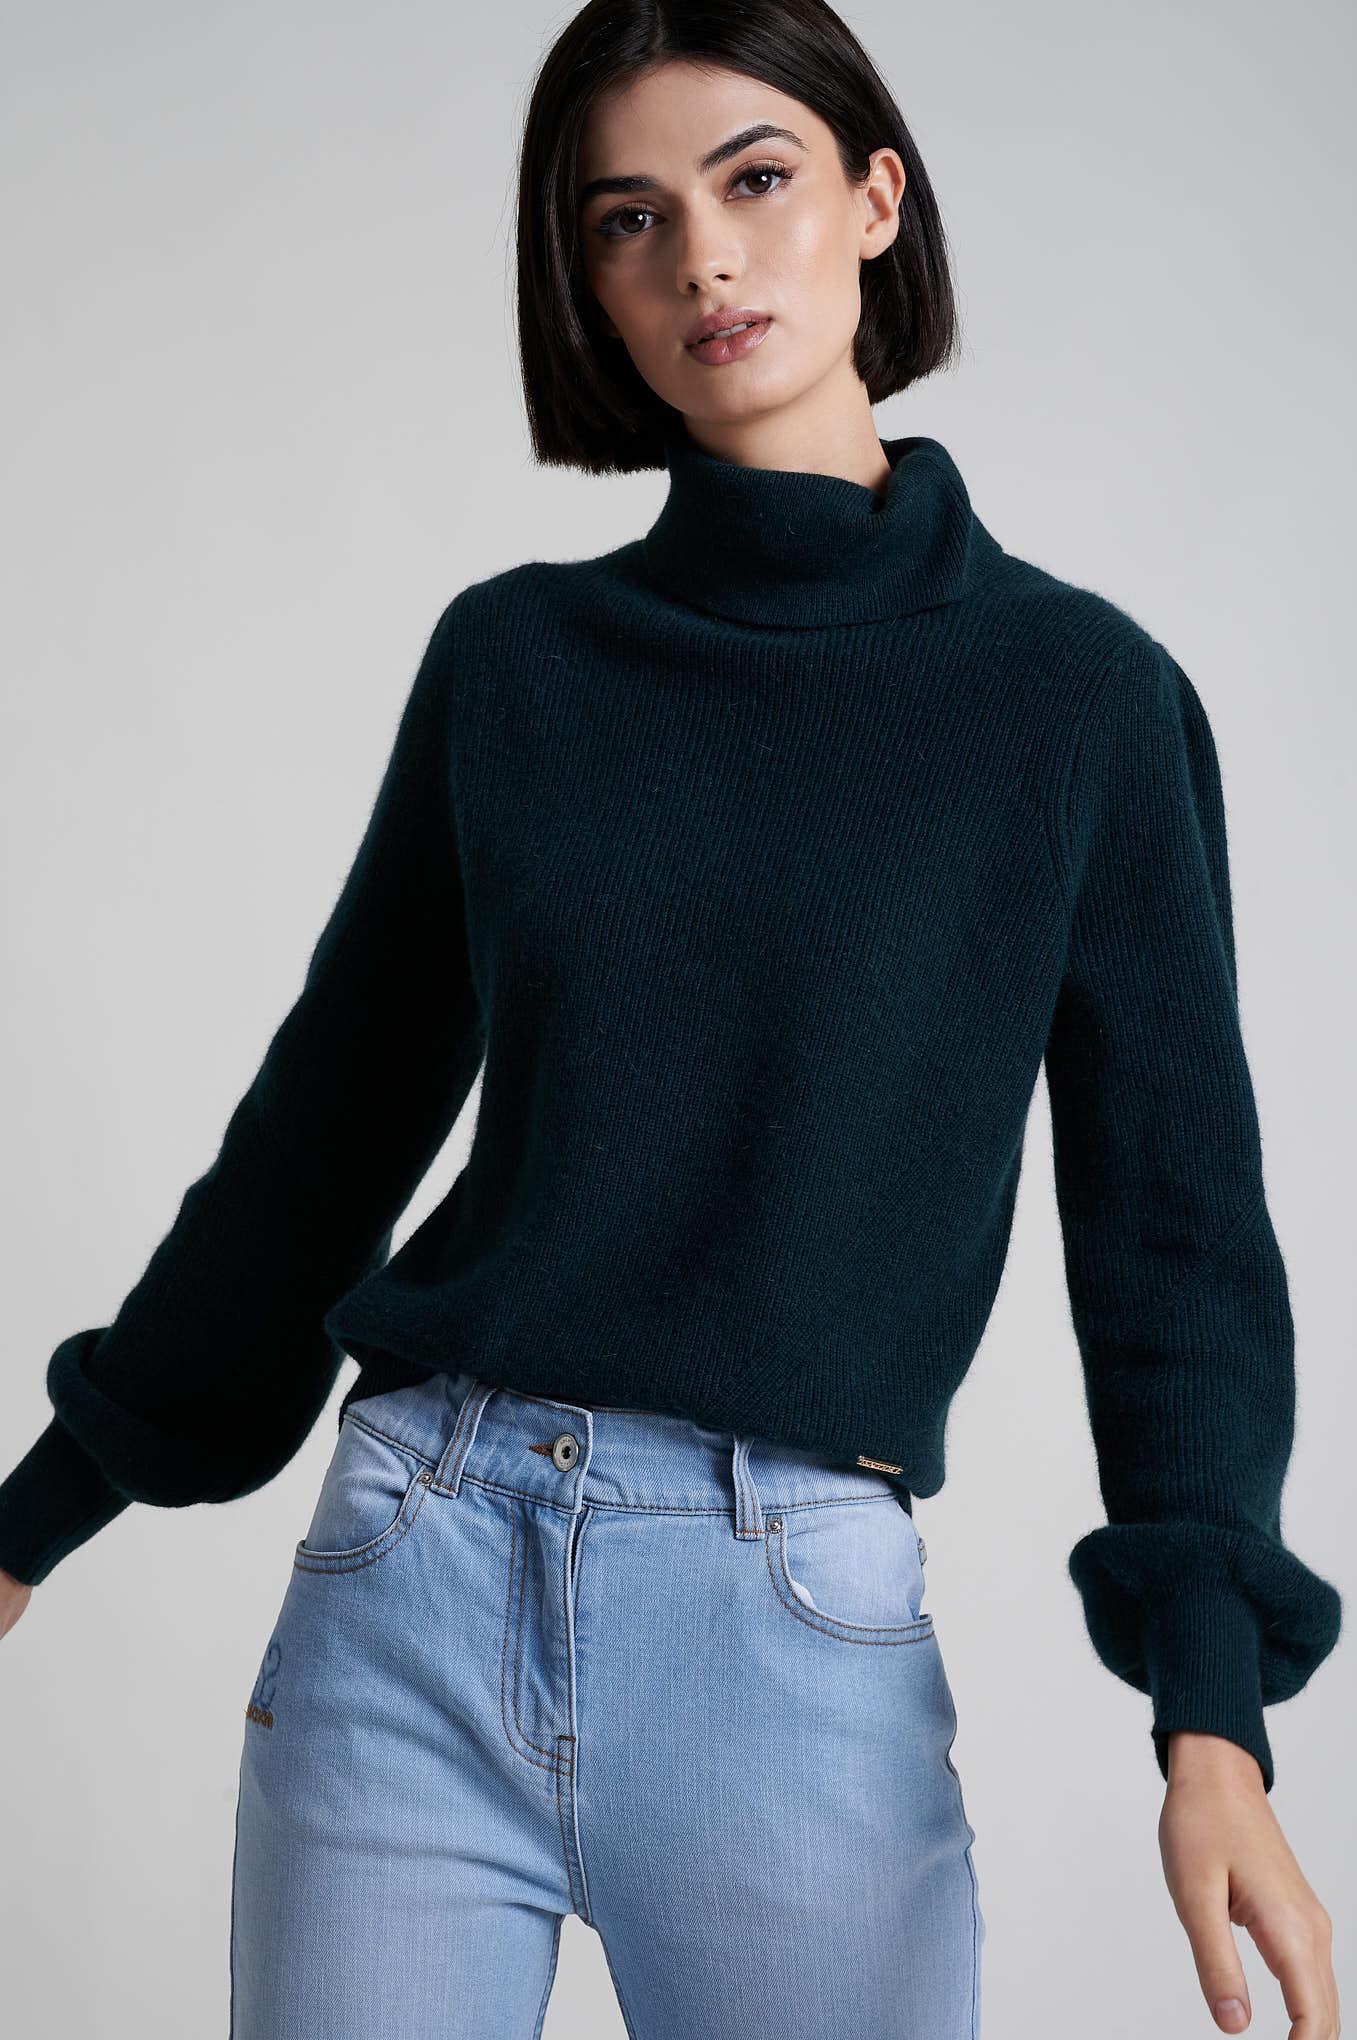 Sweater Dark Green Casual Woman